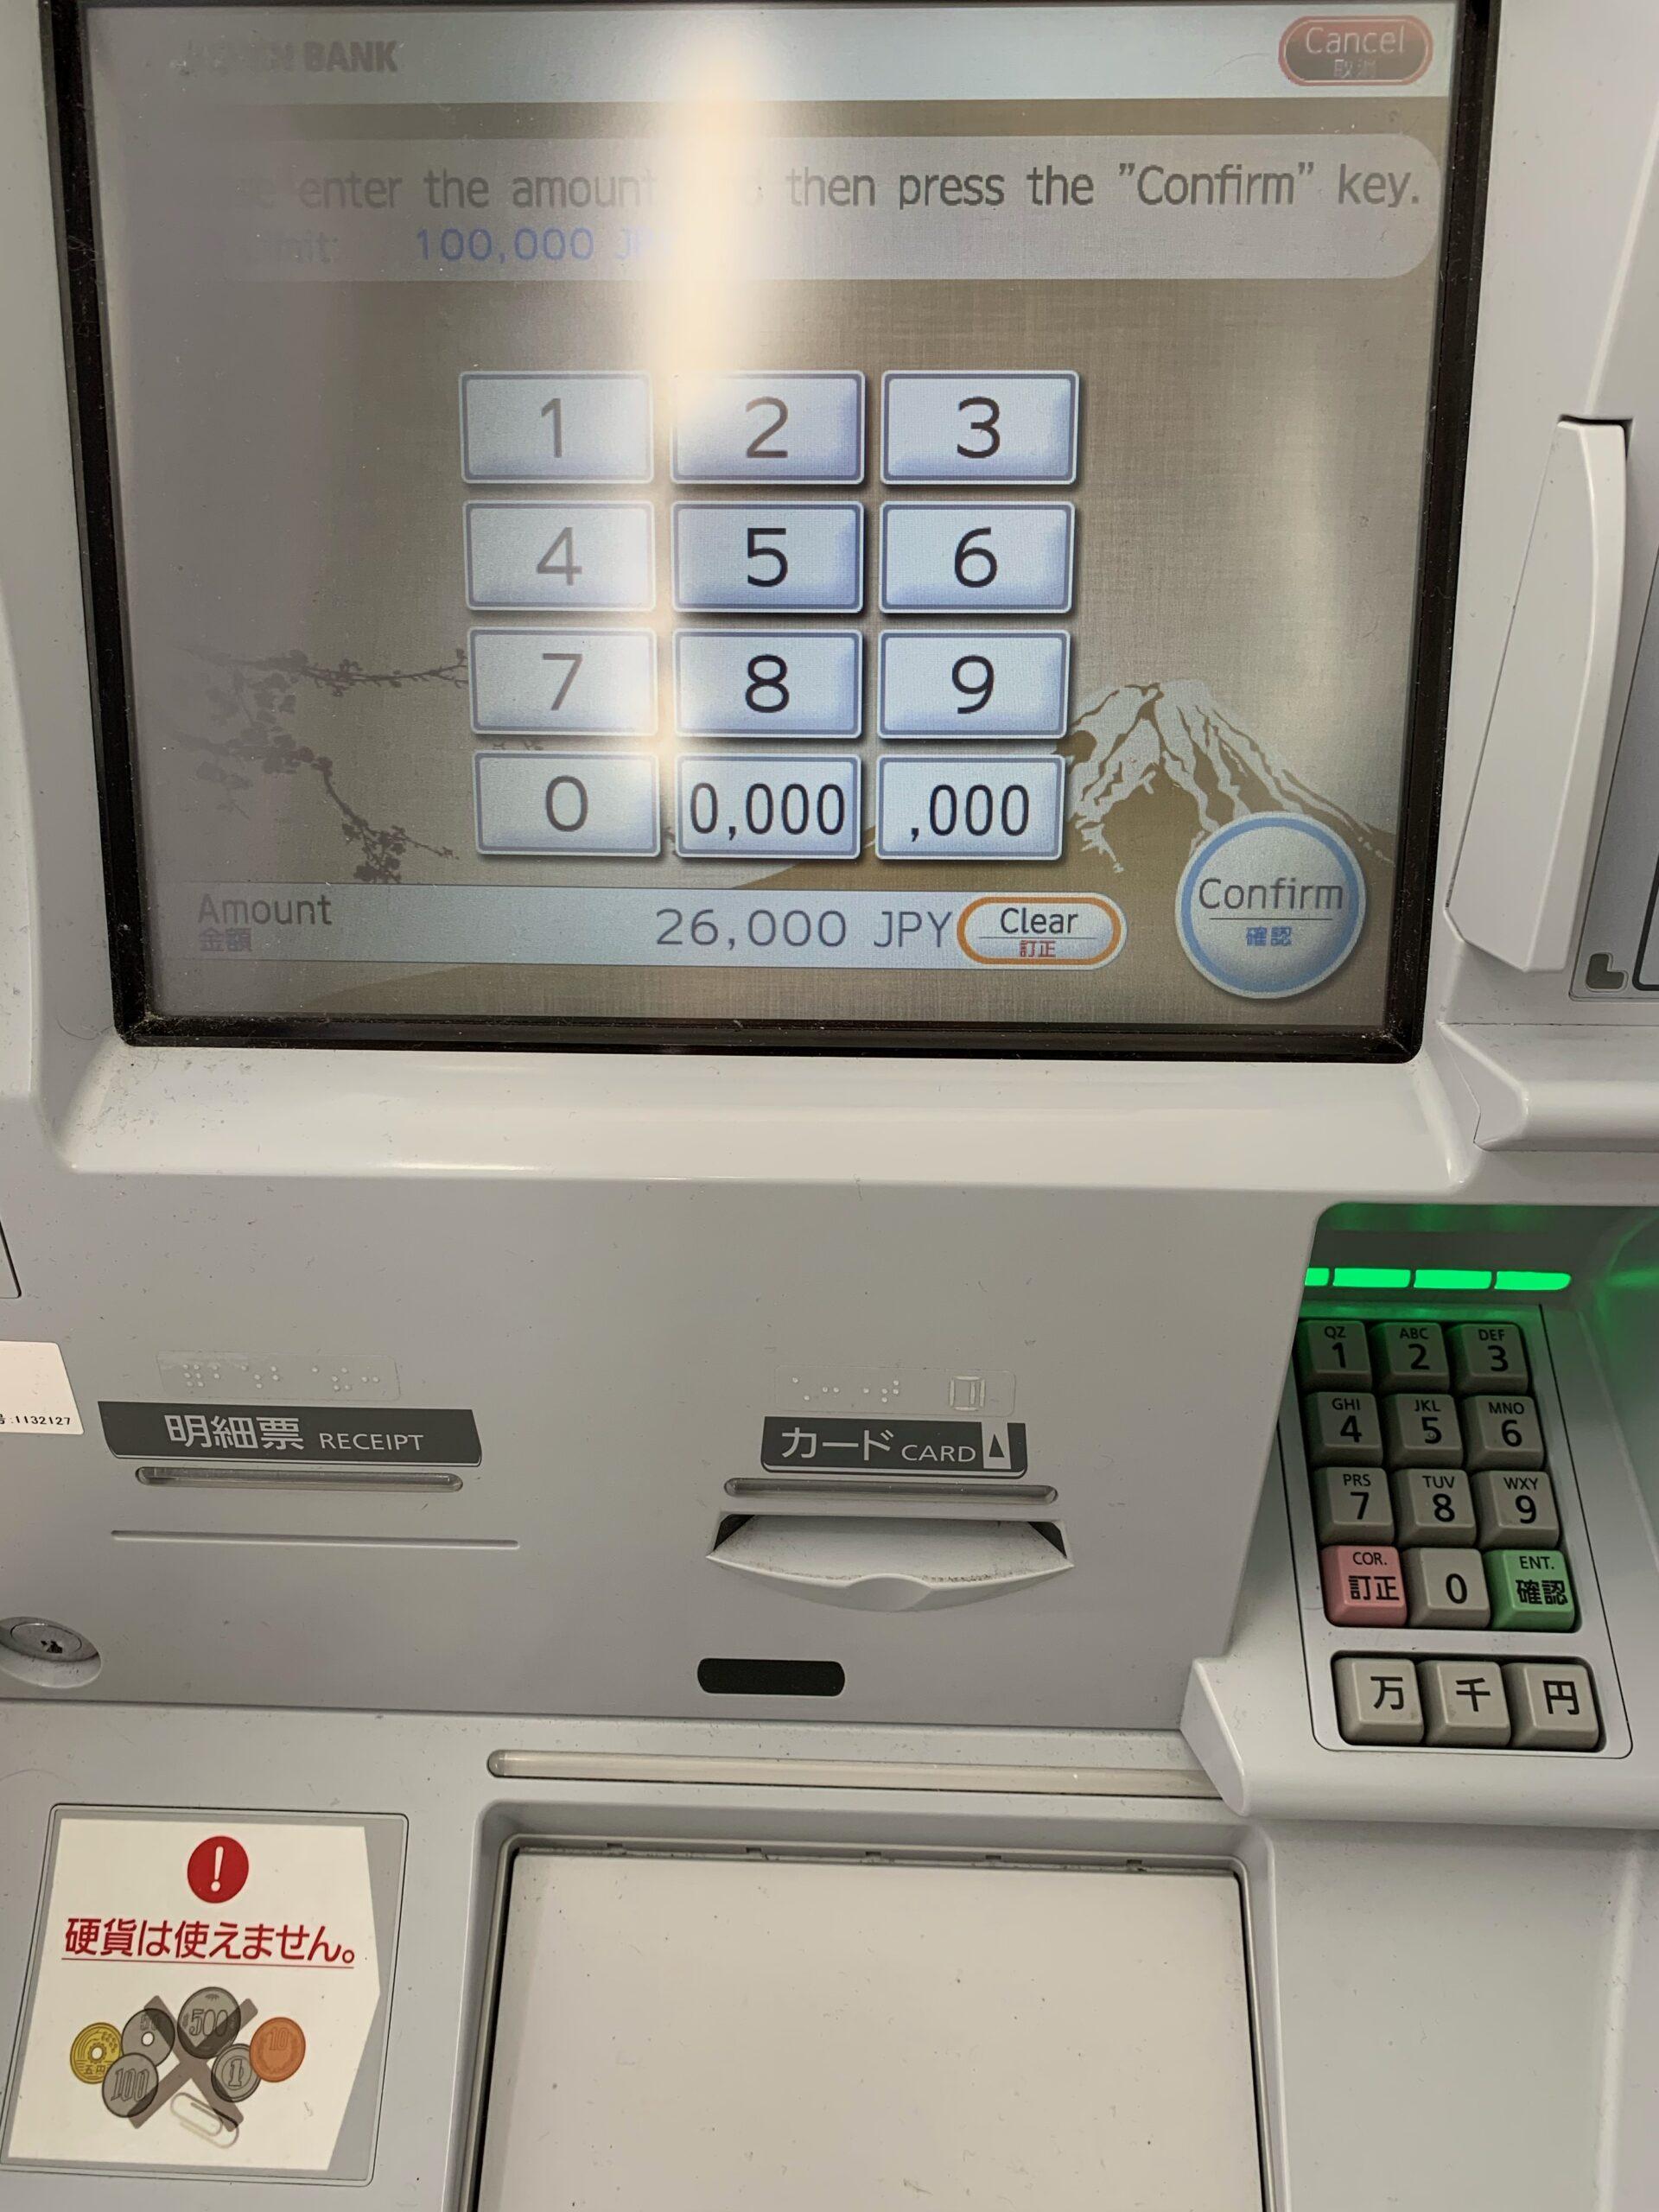 TIGER PAY ATM出金4